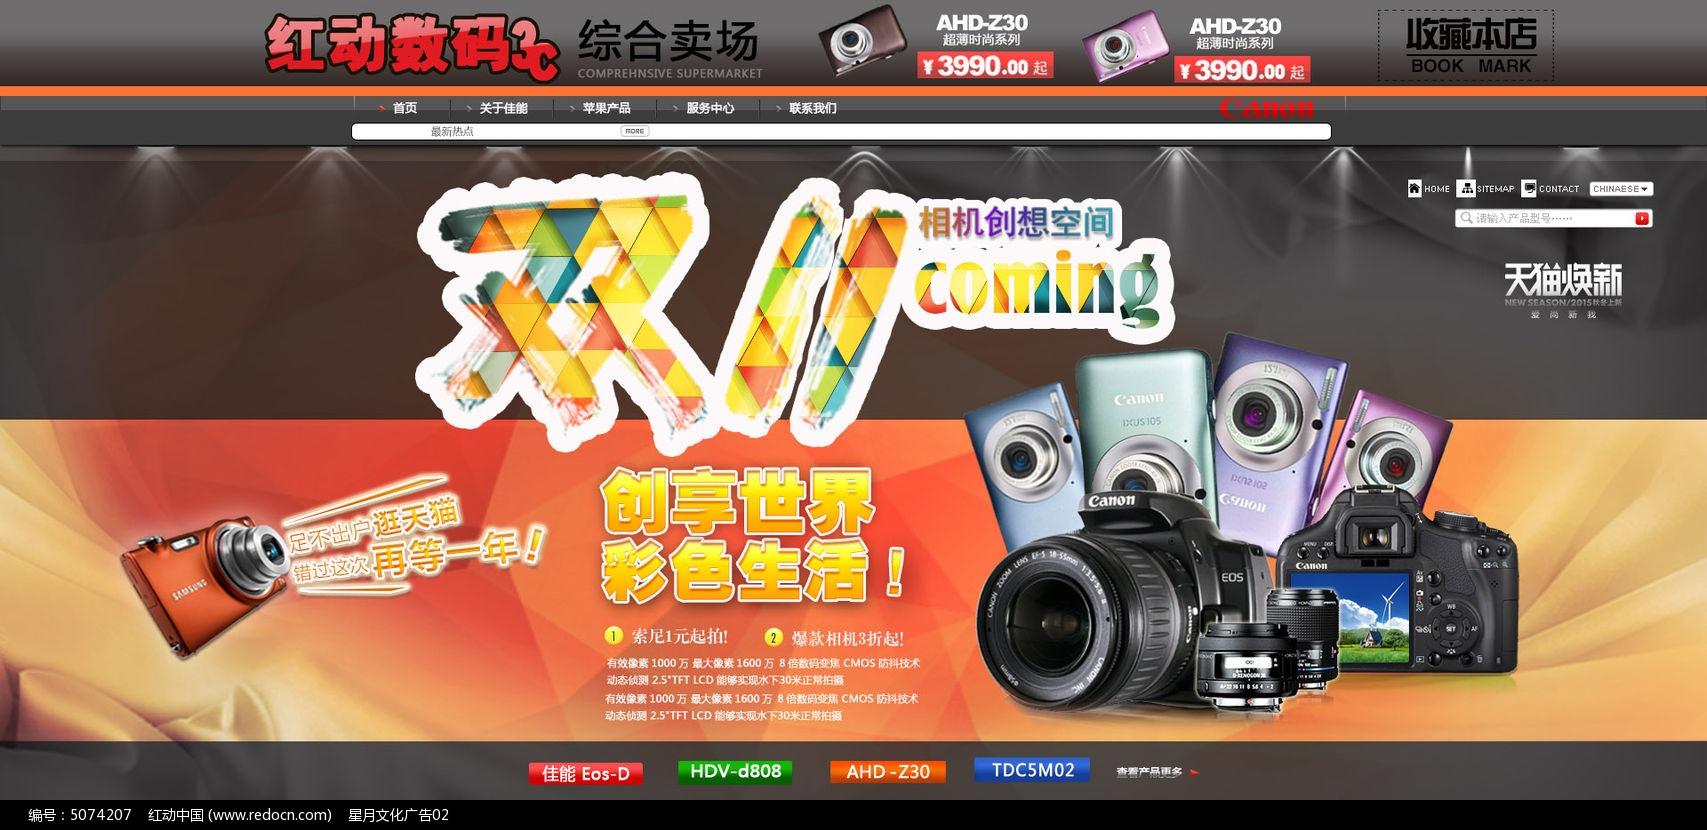 数码相机天猫双11活动广告